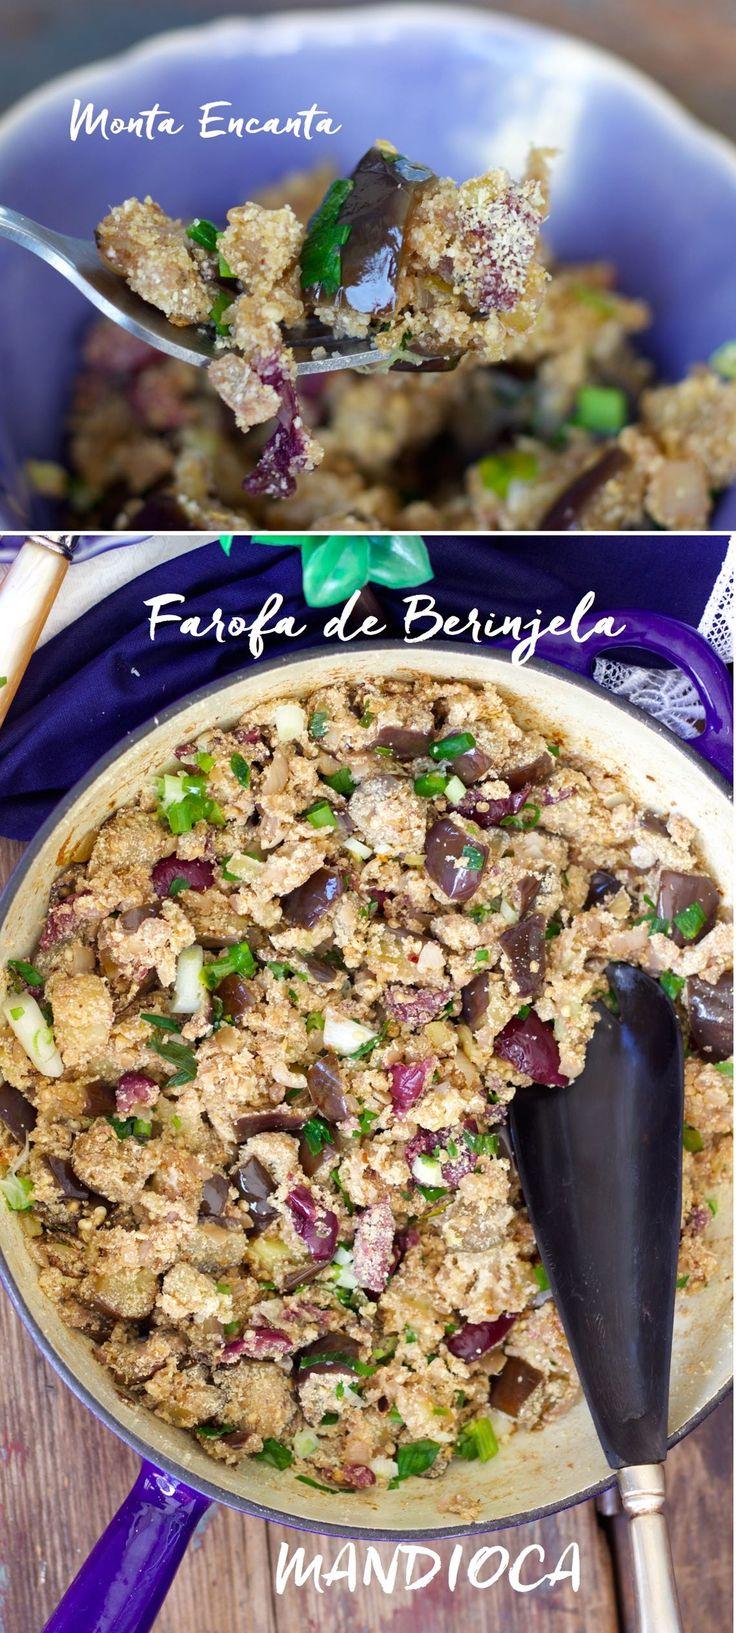 Farofa de Berinjela, se você gosta de farofa de mandioca e de berinjela, vai enlouquecer com esta dupla, junção dos Deuses!